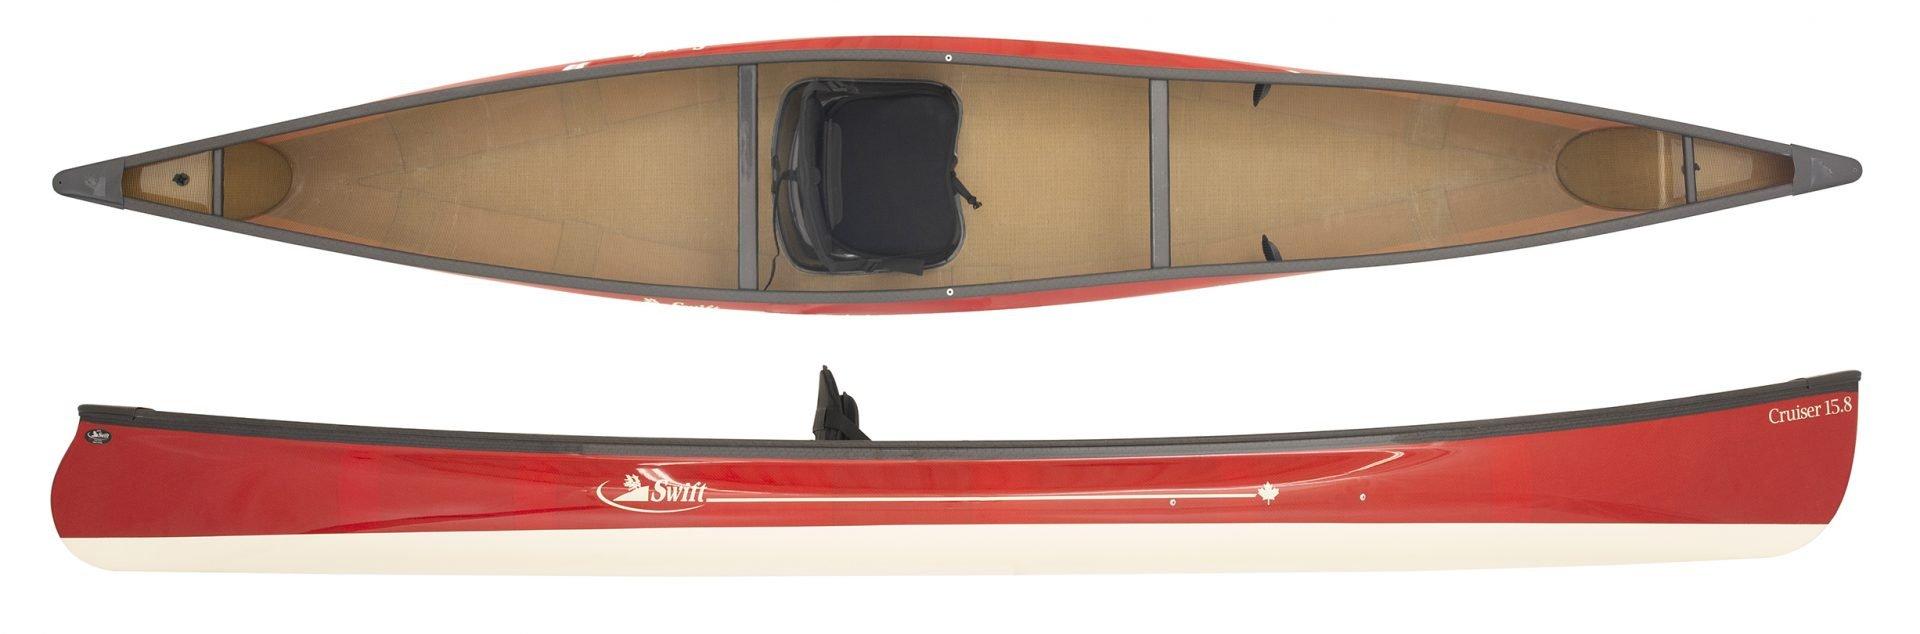 Swift Cruiser 15.8